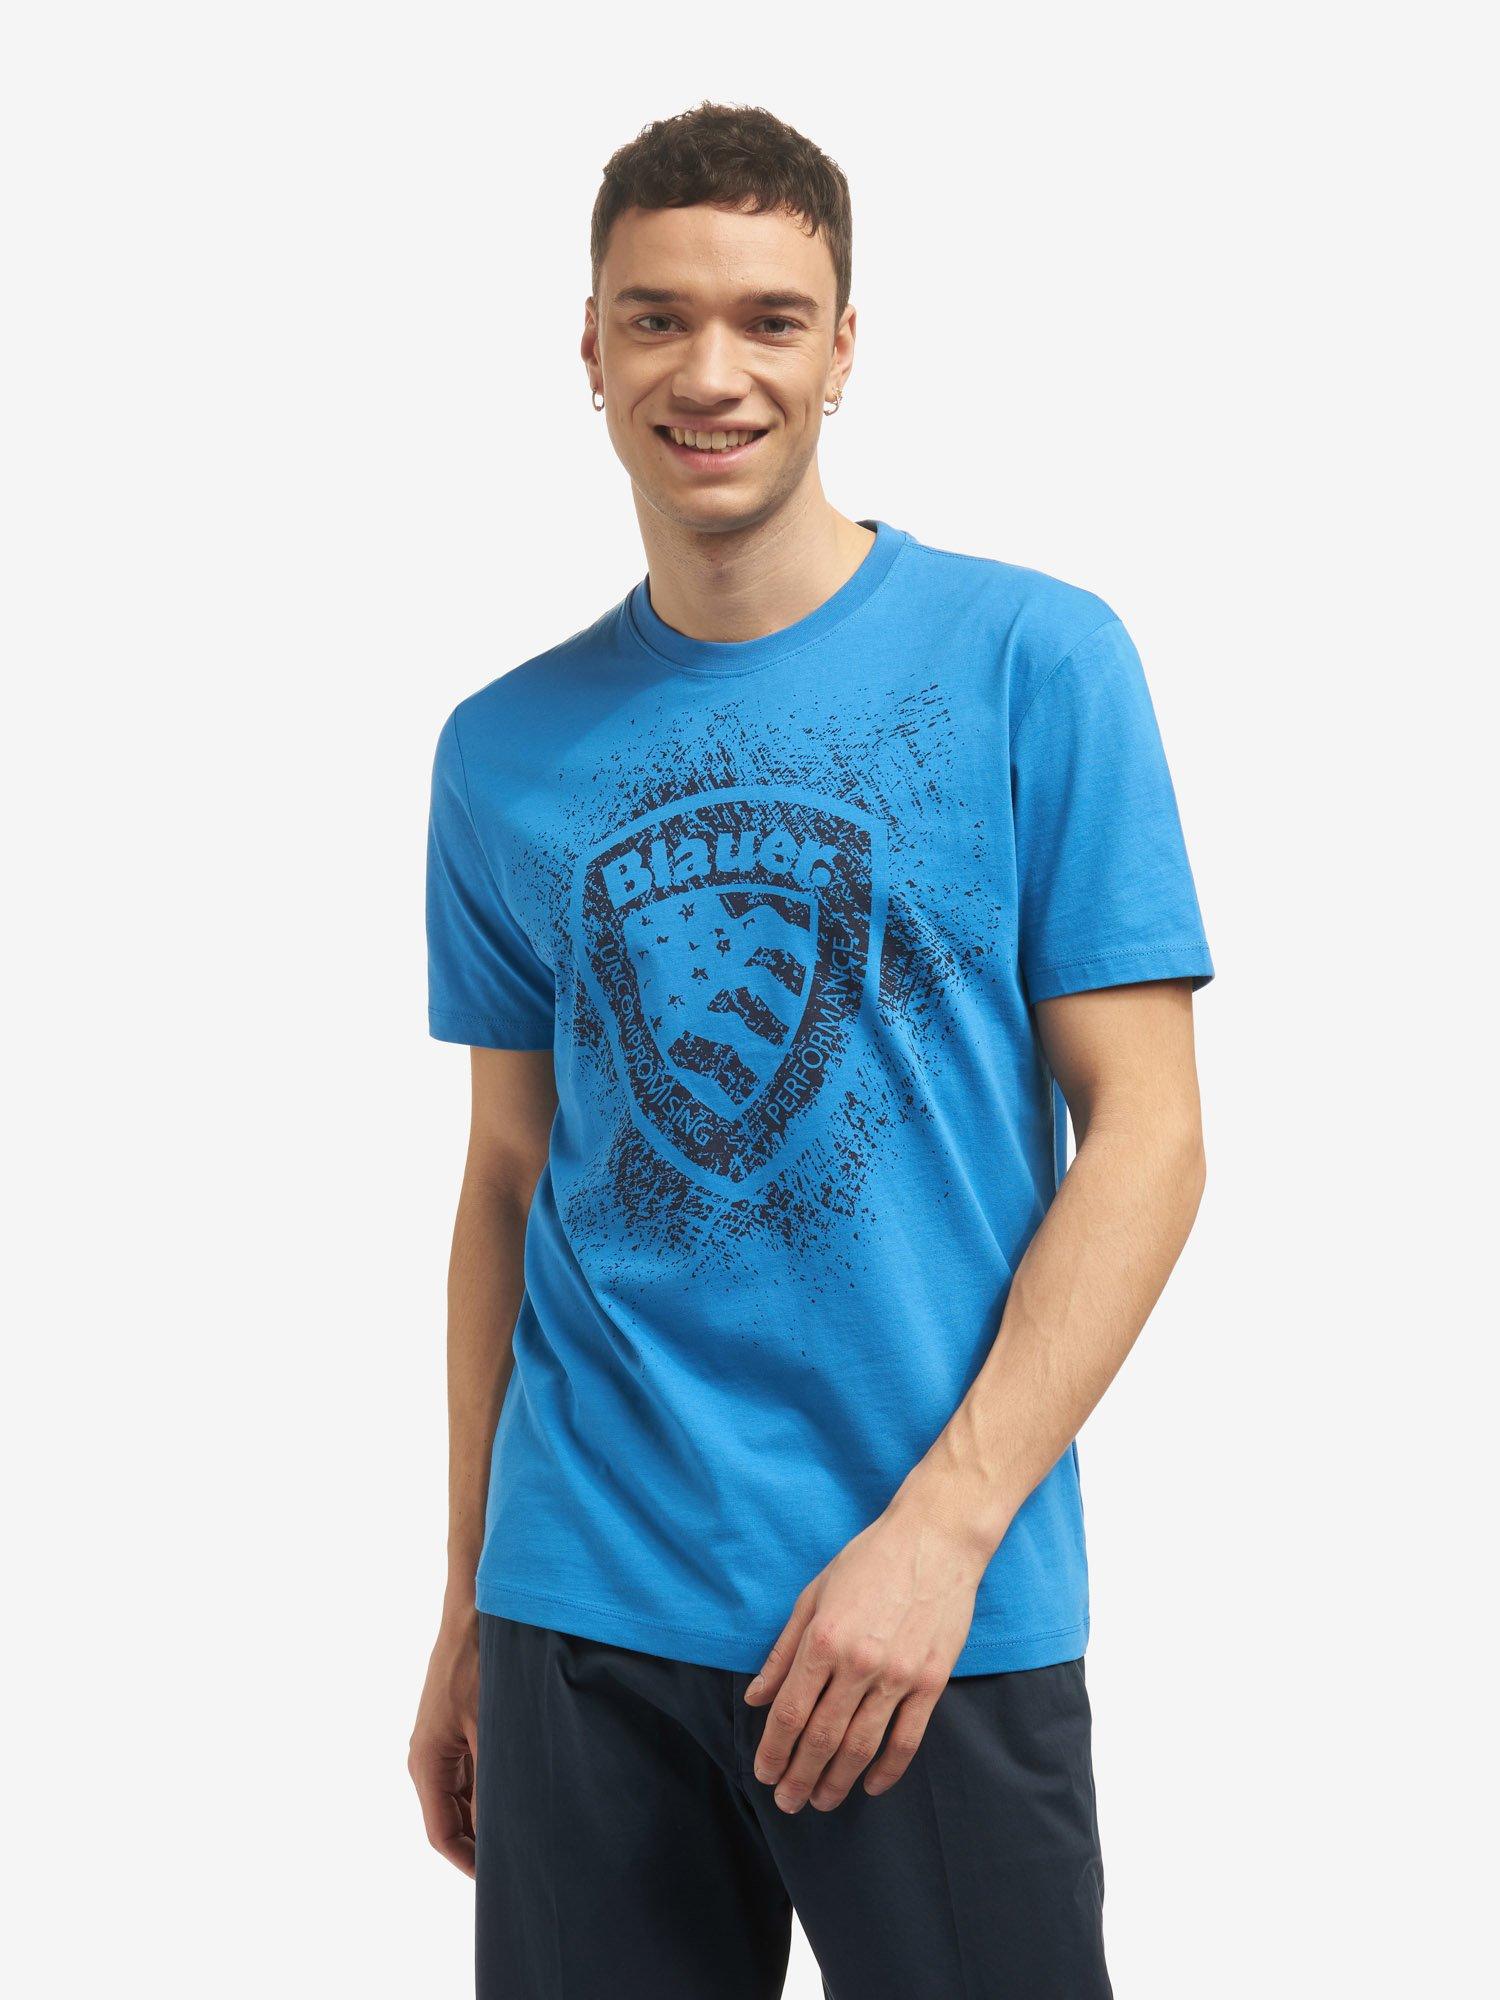 Blauer - BLAUER SHIELD SHORT SLEEVE T-SHIRT - Light Sapphire Blue - Blauer